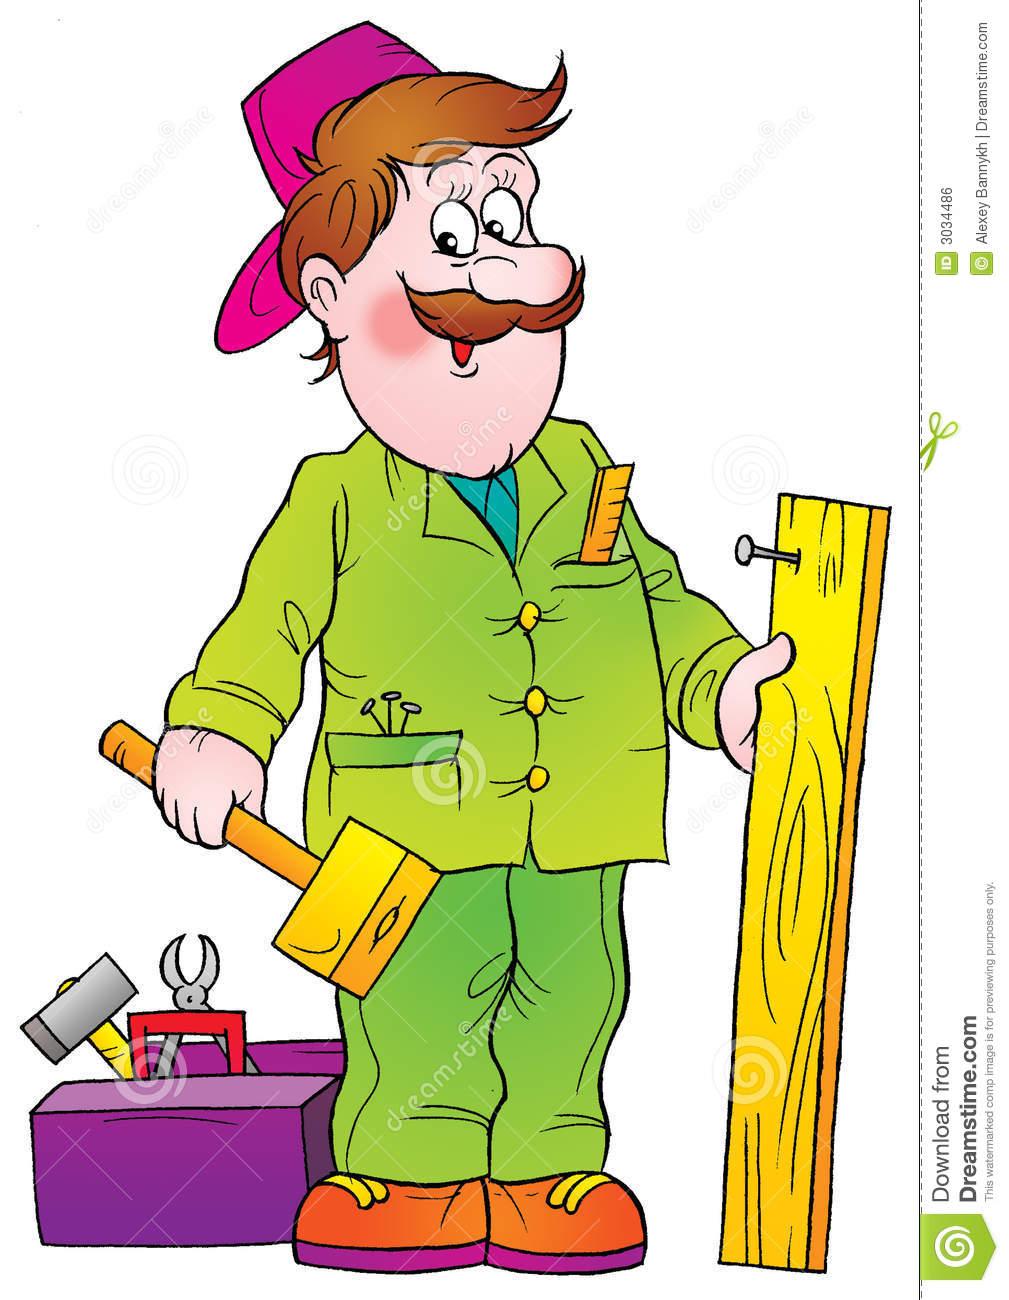 carpenter-clipart-carp...